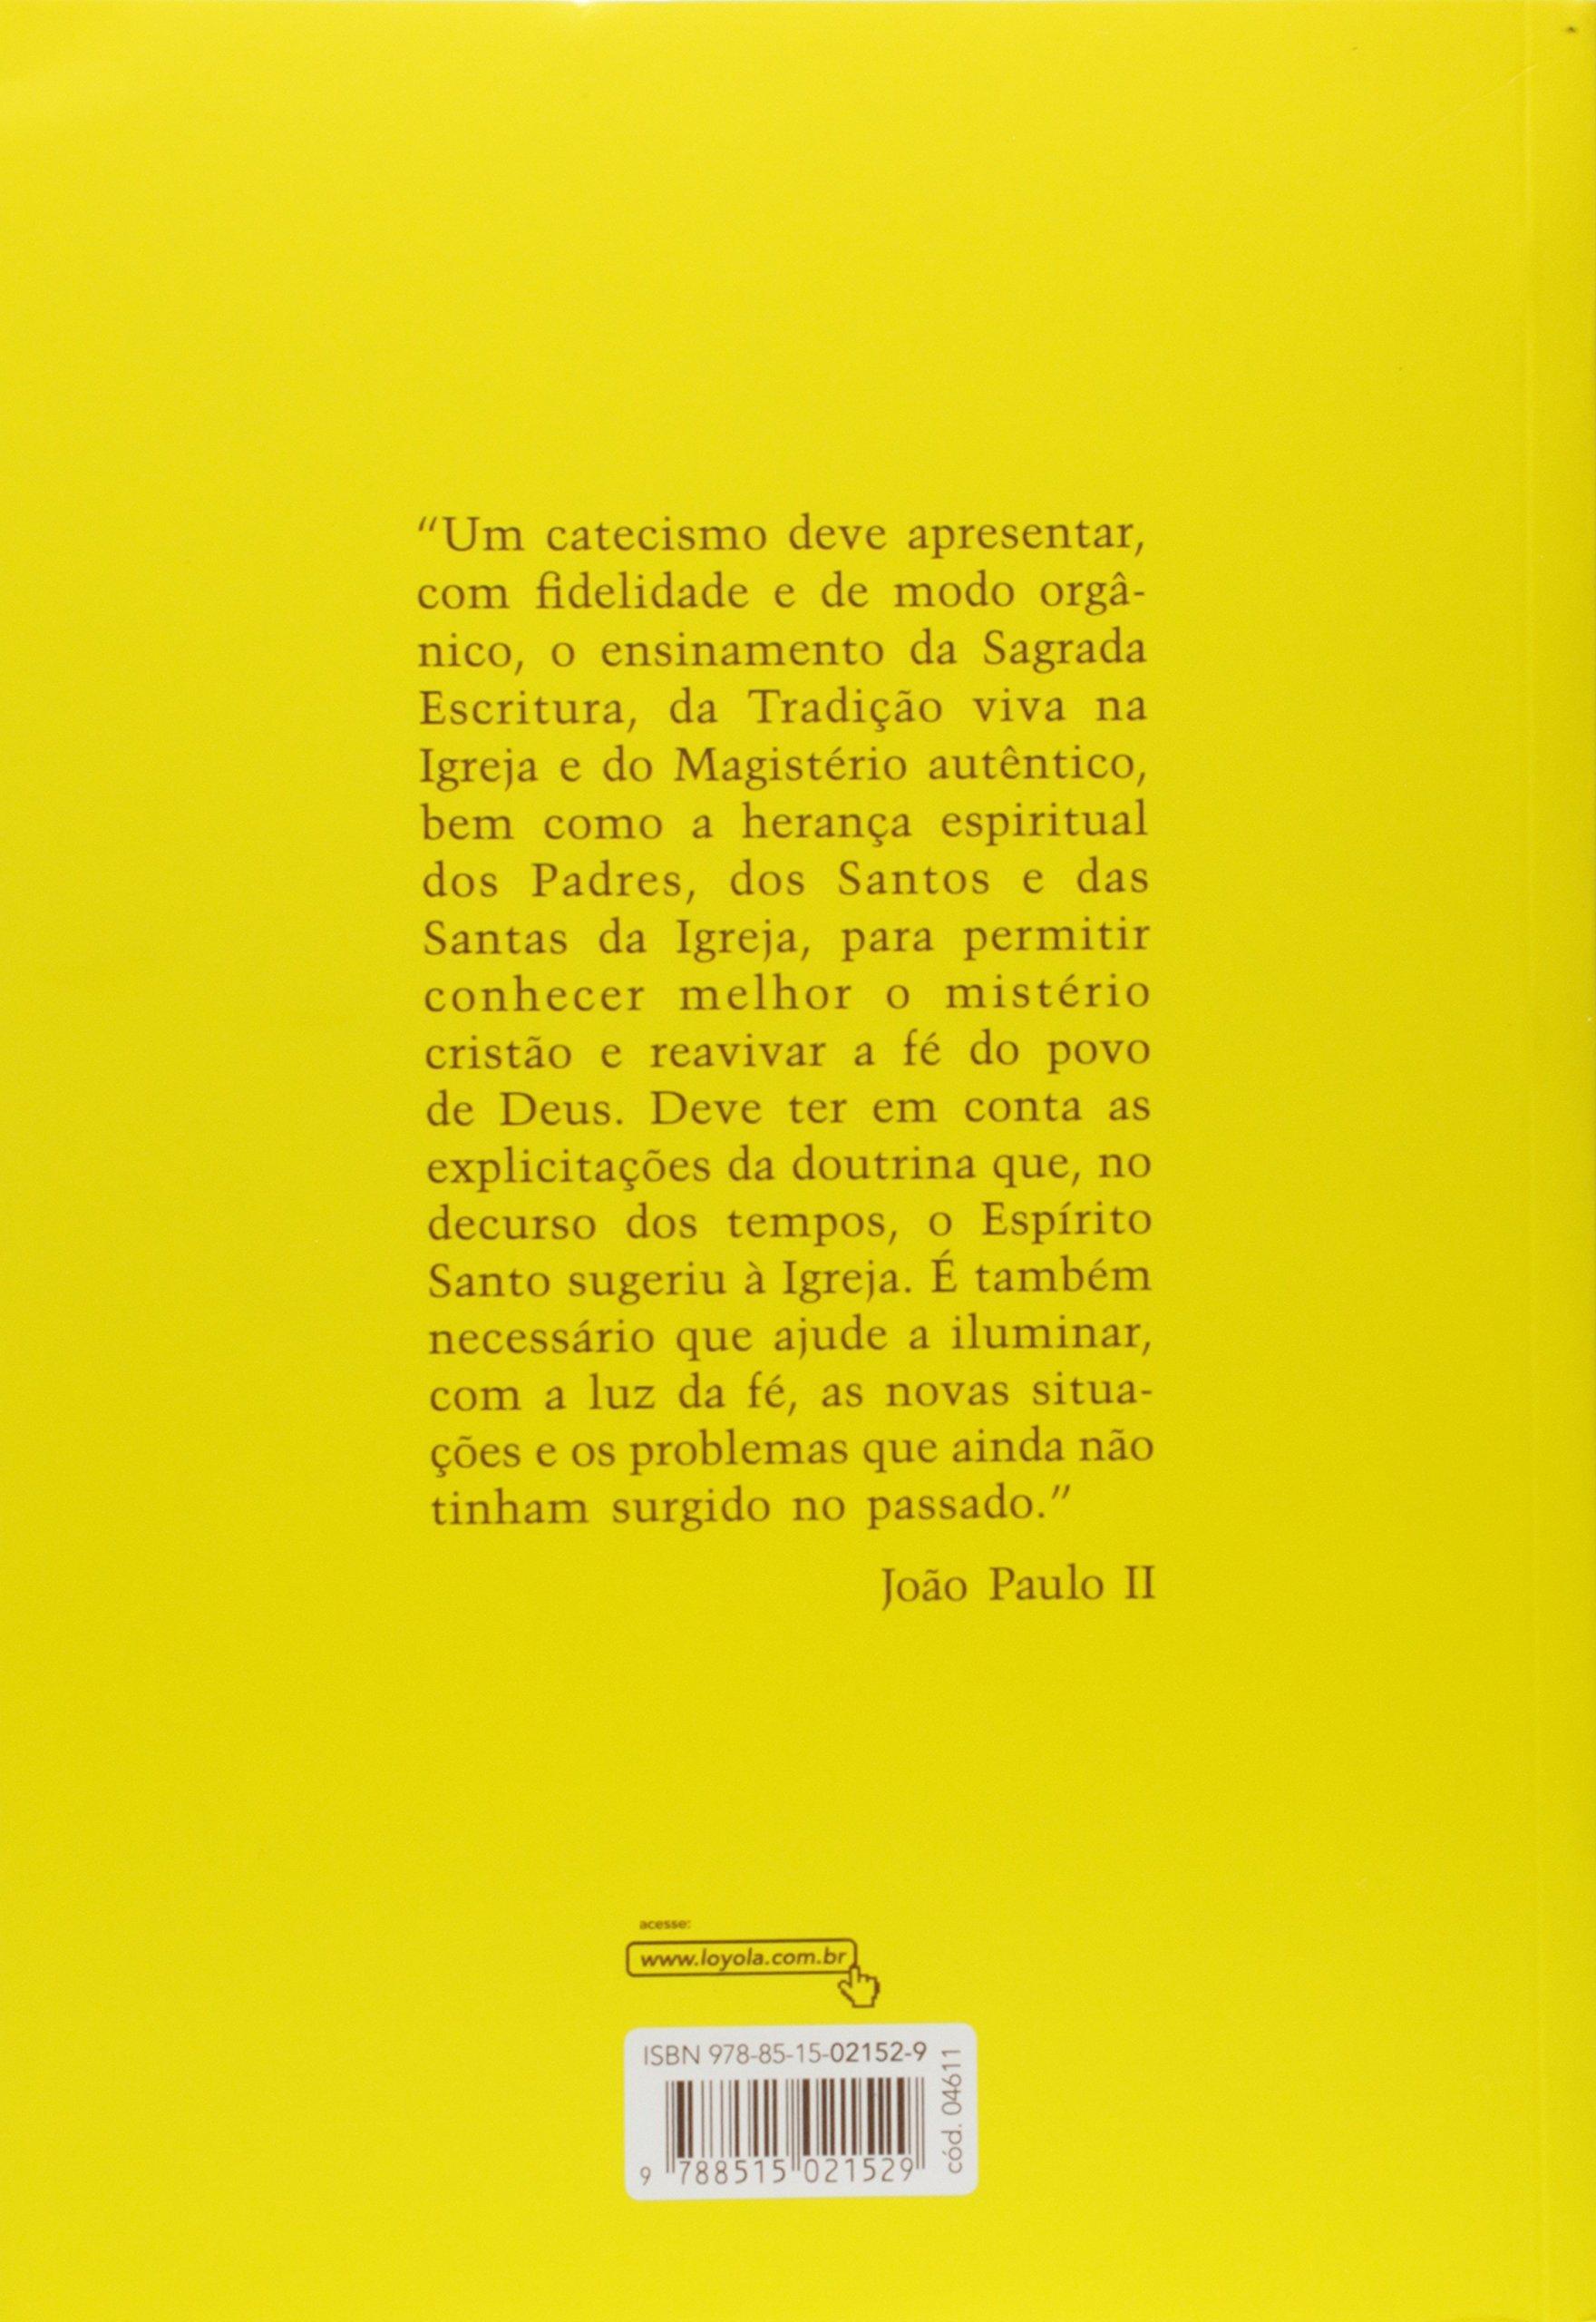 gratis o livro catecismo da igreja catolica